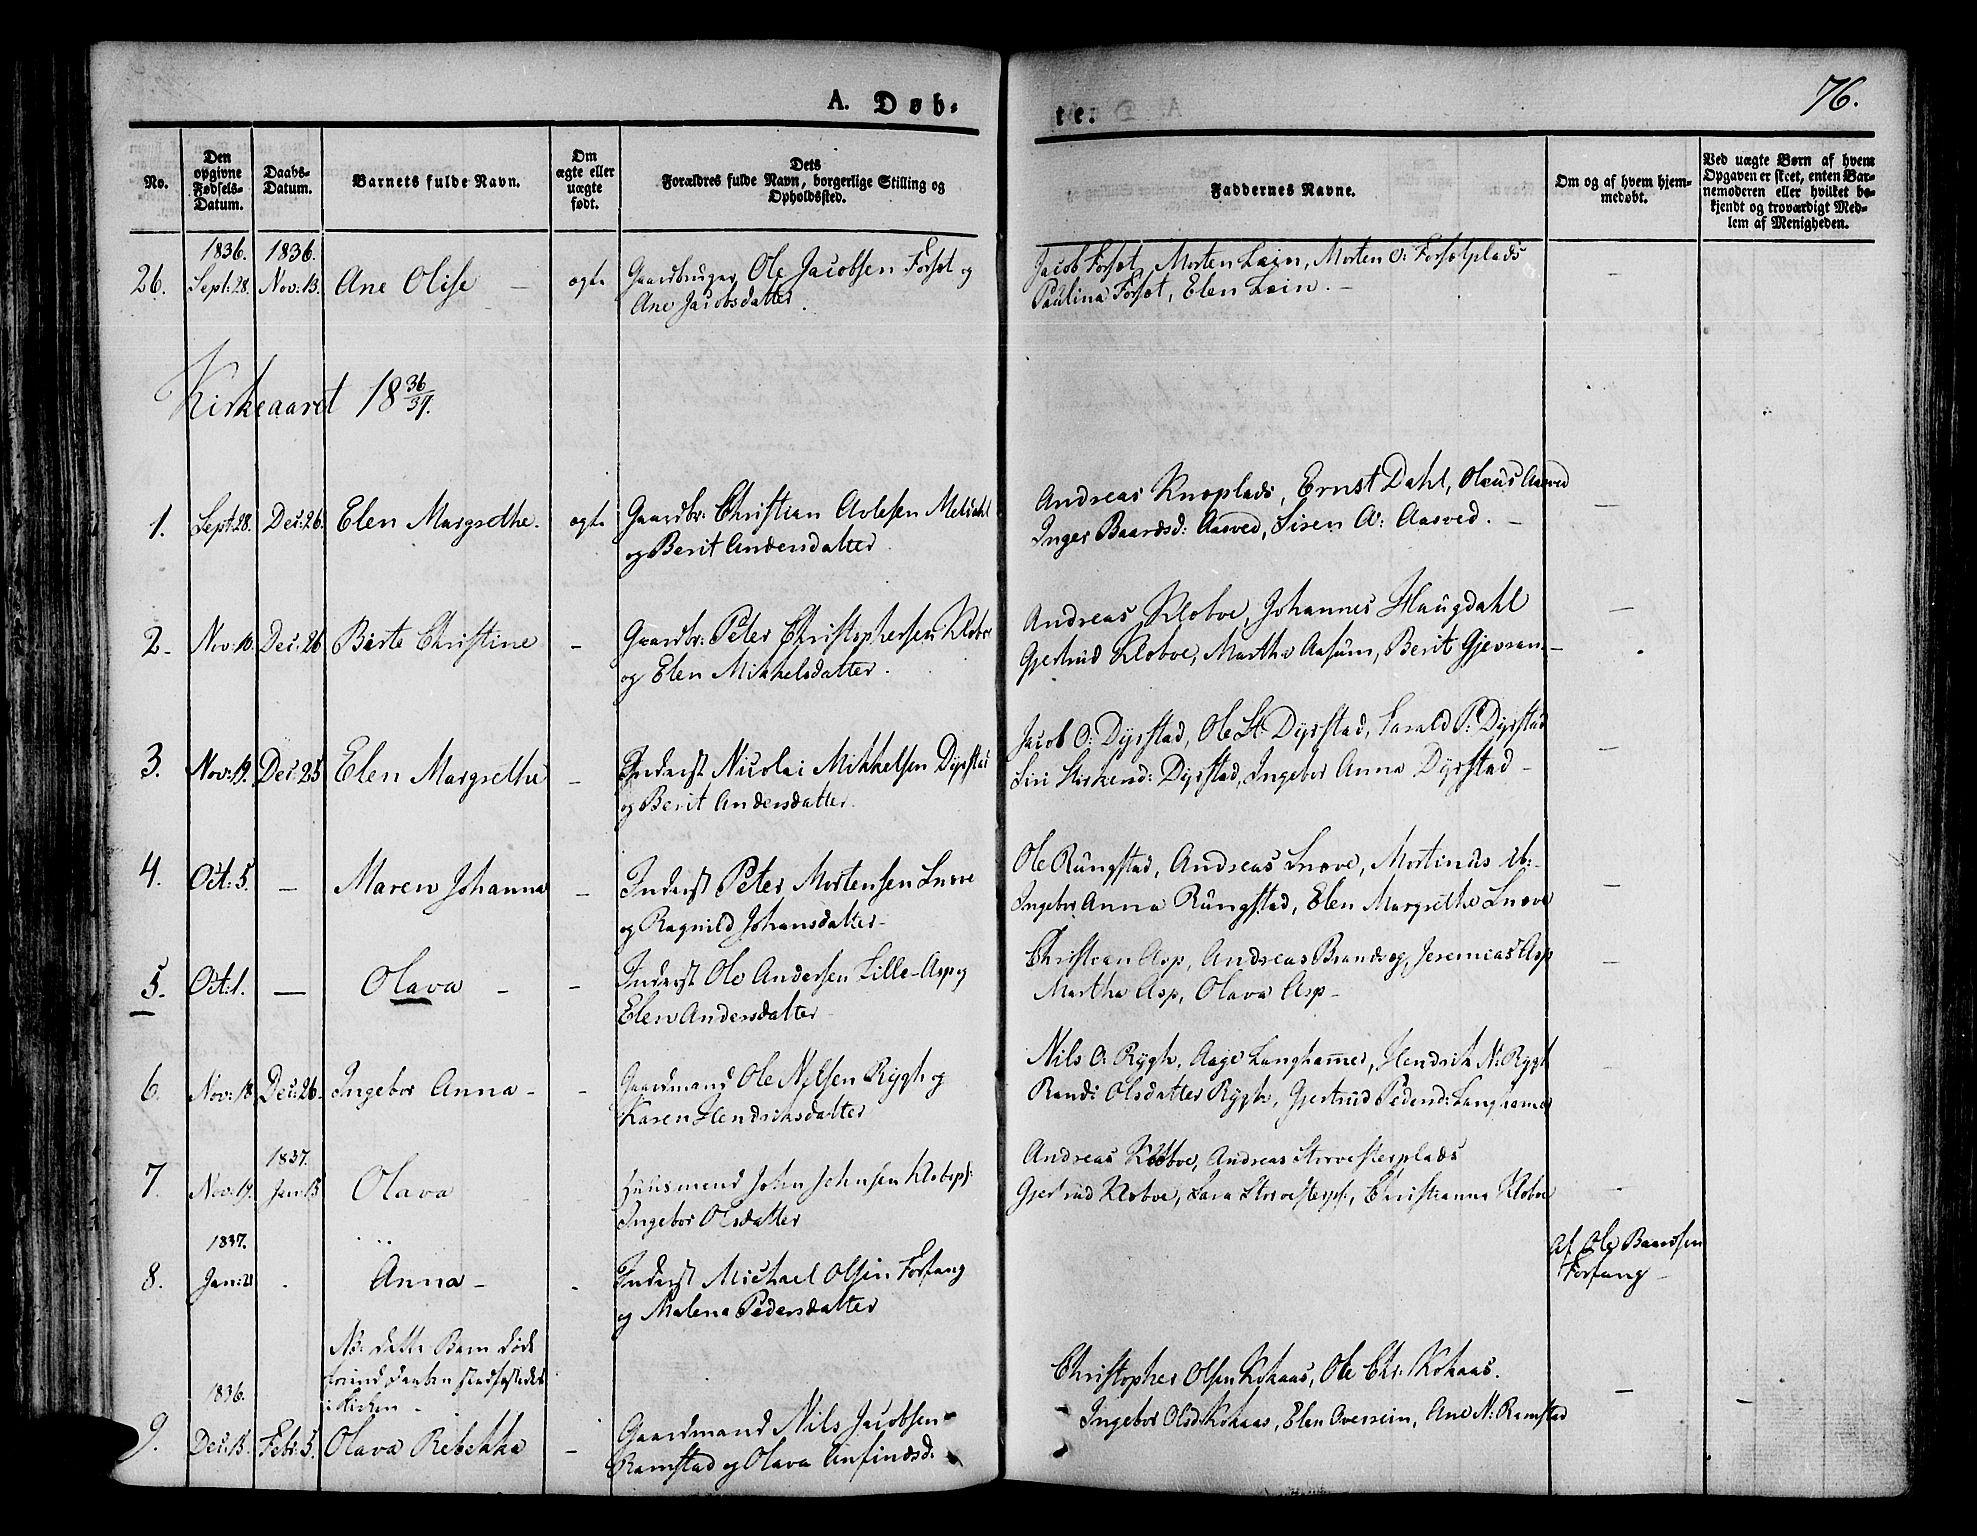 SAT, Ministerialprotokoller, klokkerbøker og fødselsregistre - Nord-Trøndelag, 746/L0445: Ministerialbok nr. 746A04, 1826-1846, s. 76